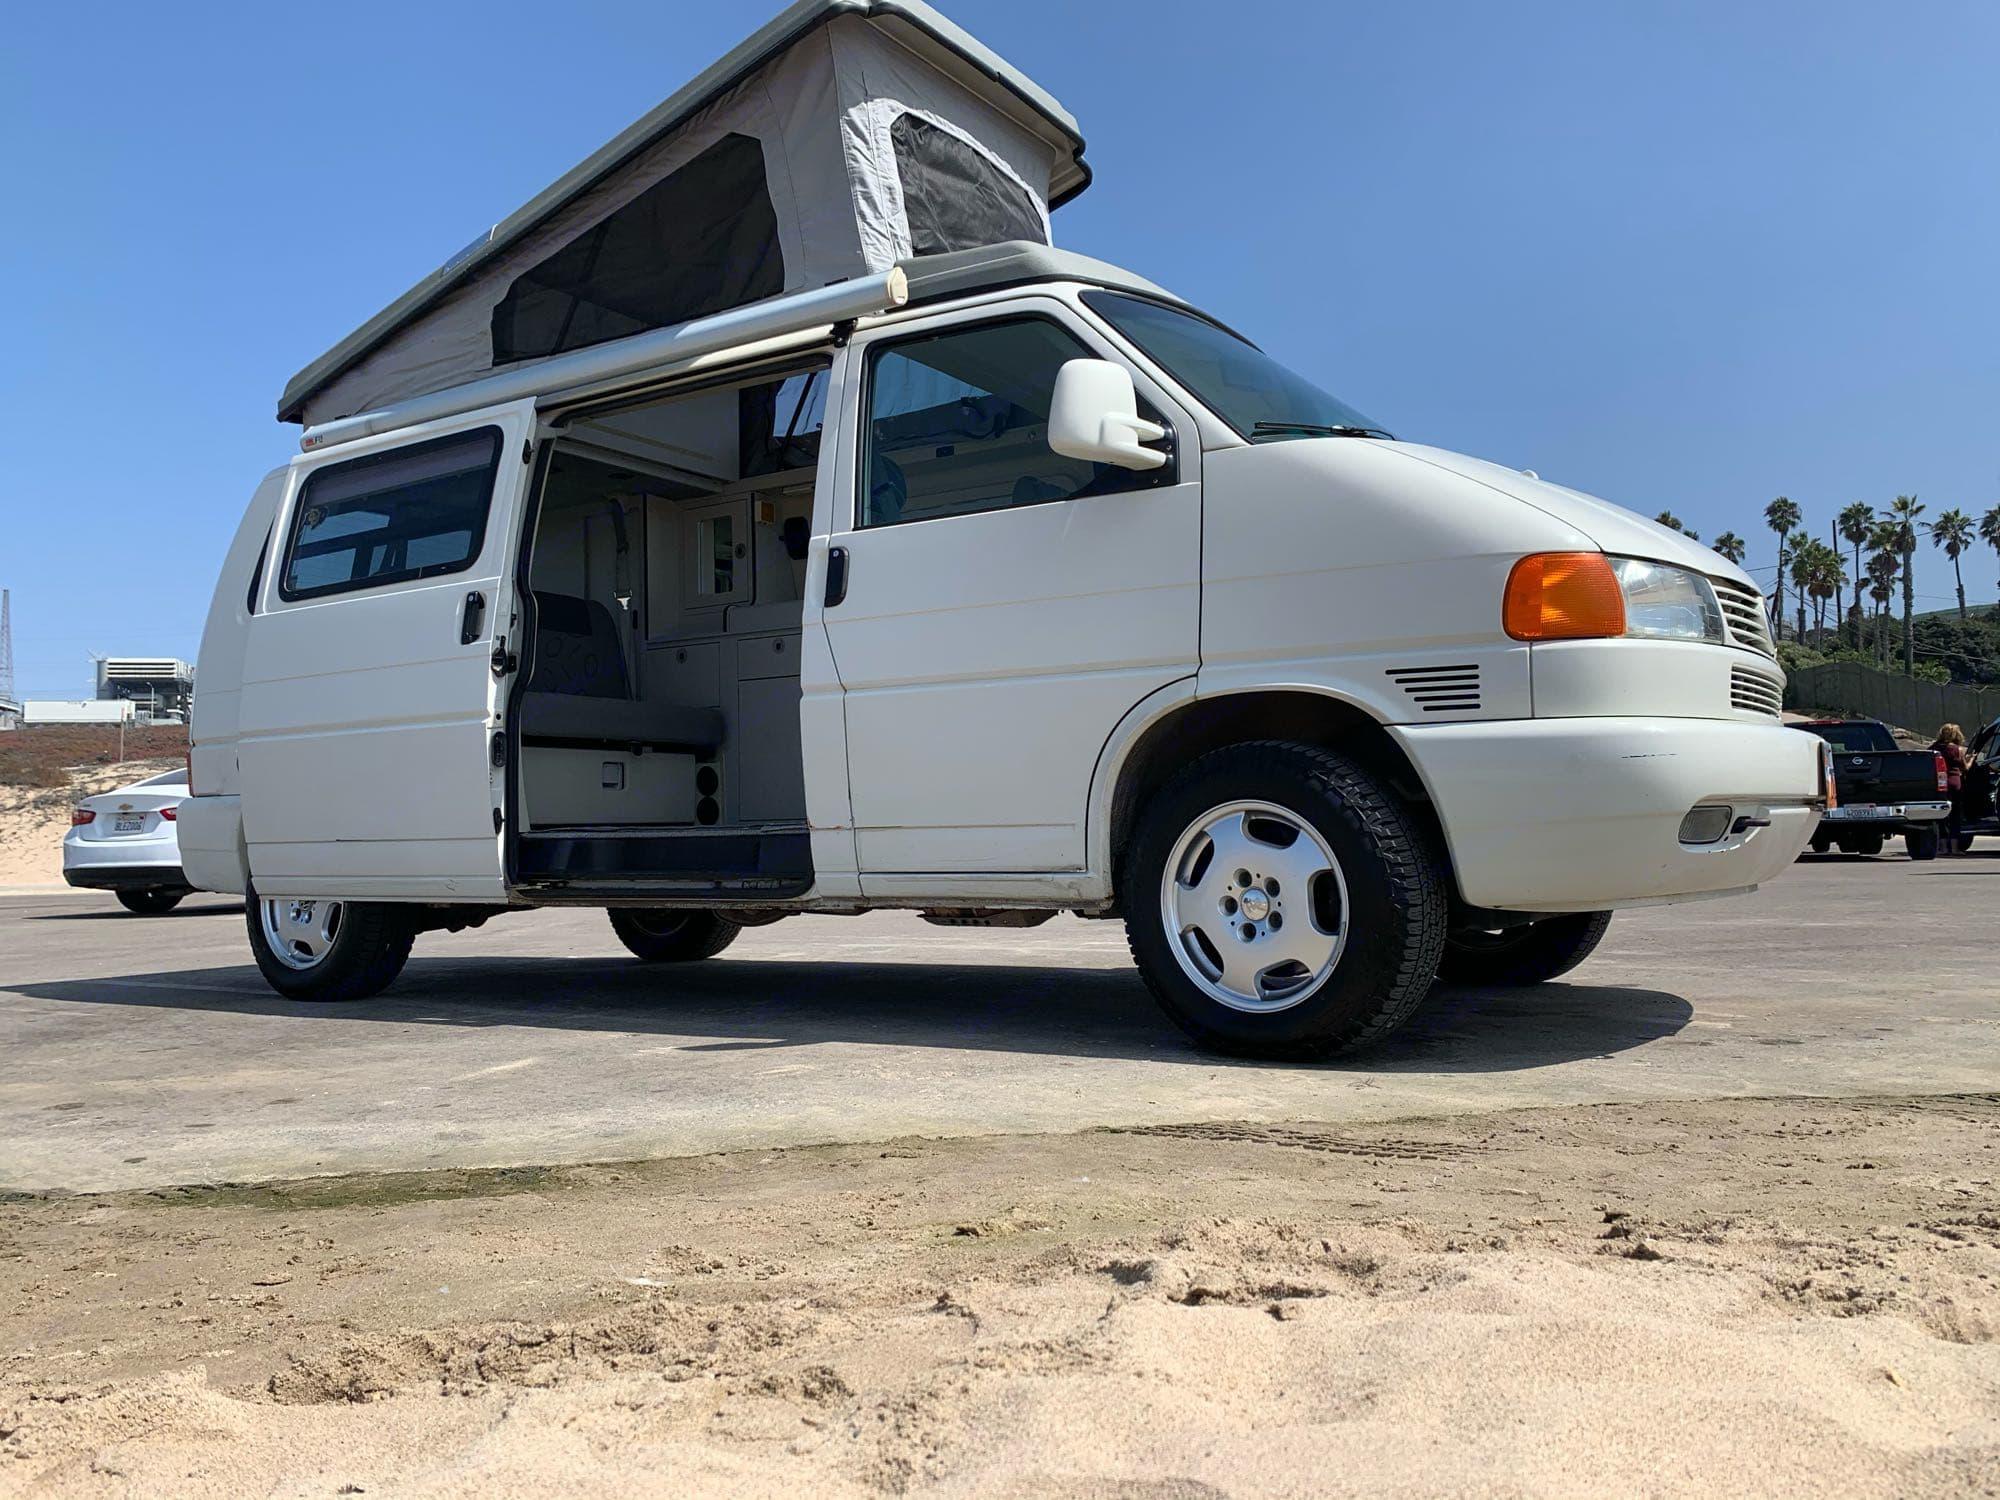 Volkswagen Eurovan Campervan 2001